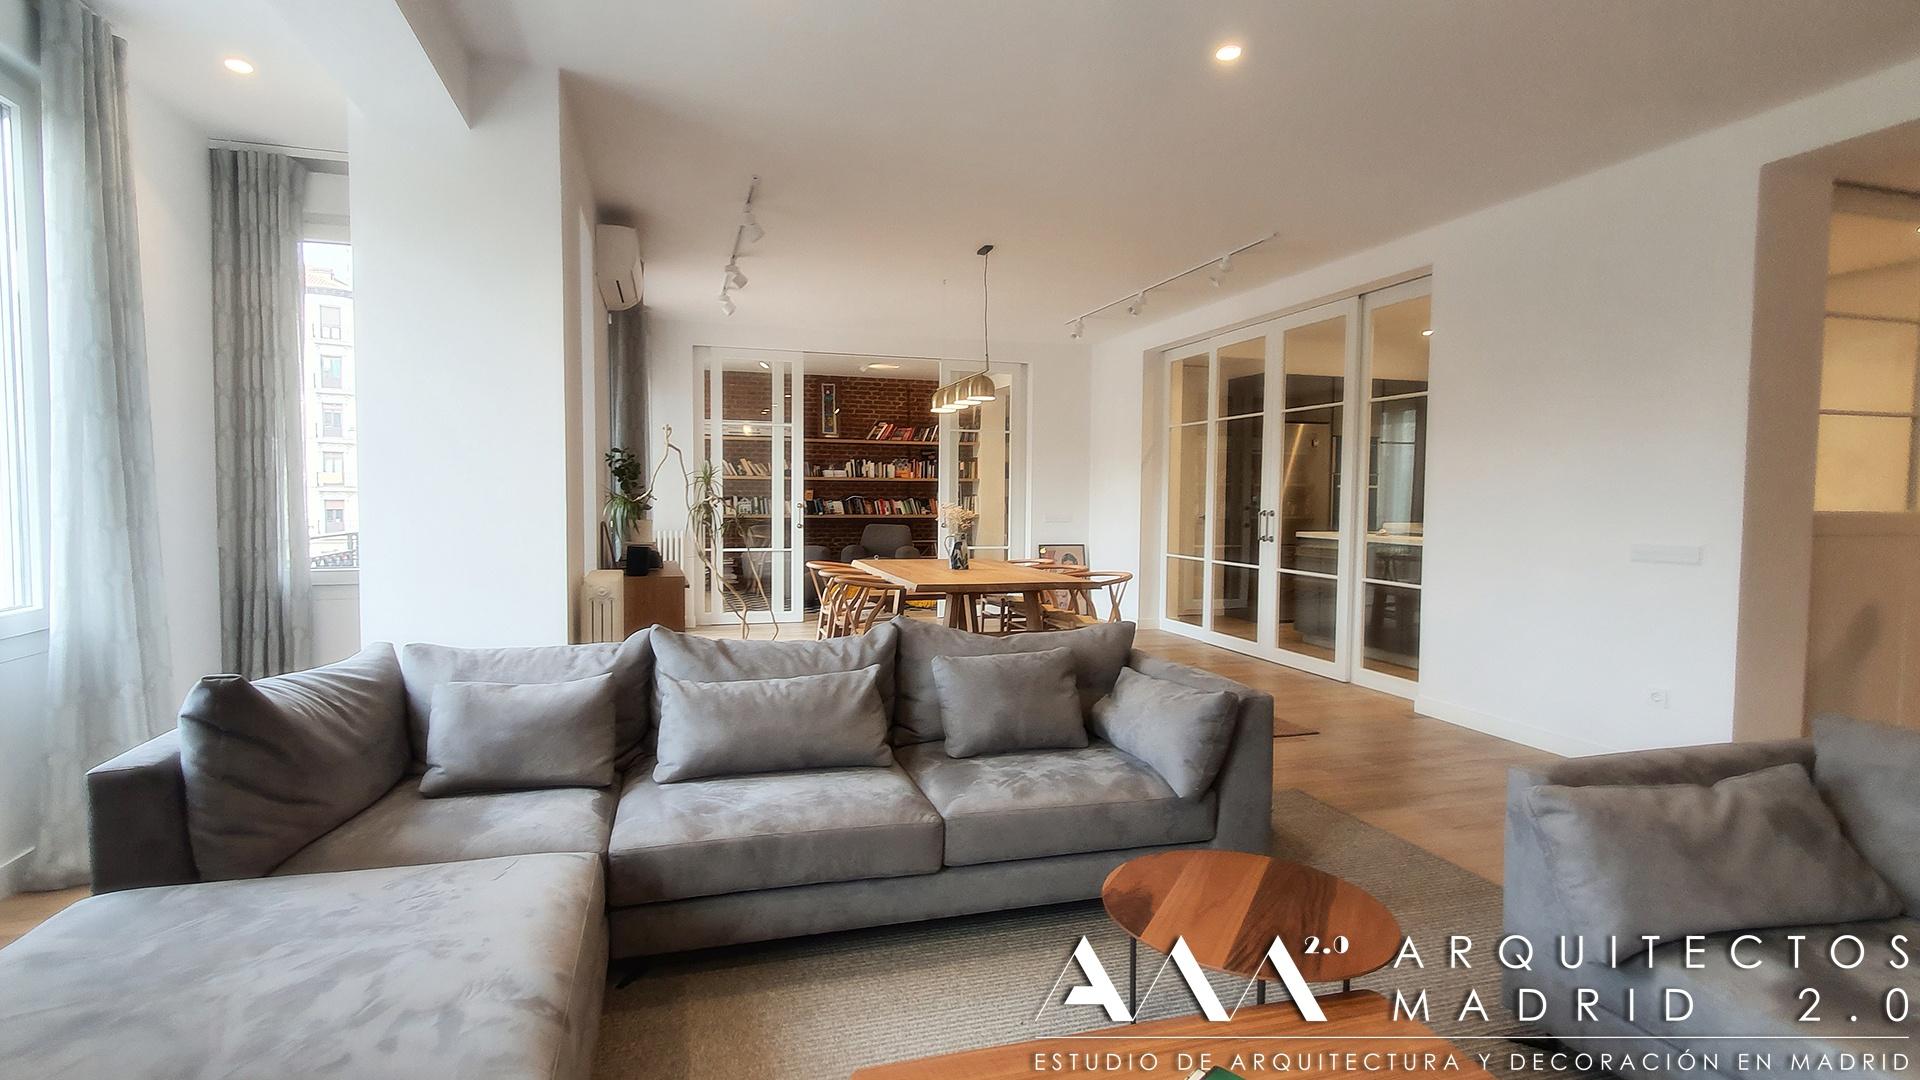 proyecto-reforma-integral-vivienda-arquitectos-madrid-ideas-decoracion-salon-cocina-home-interior-design-03